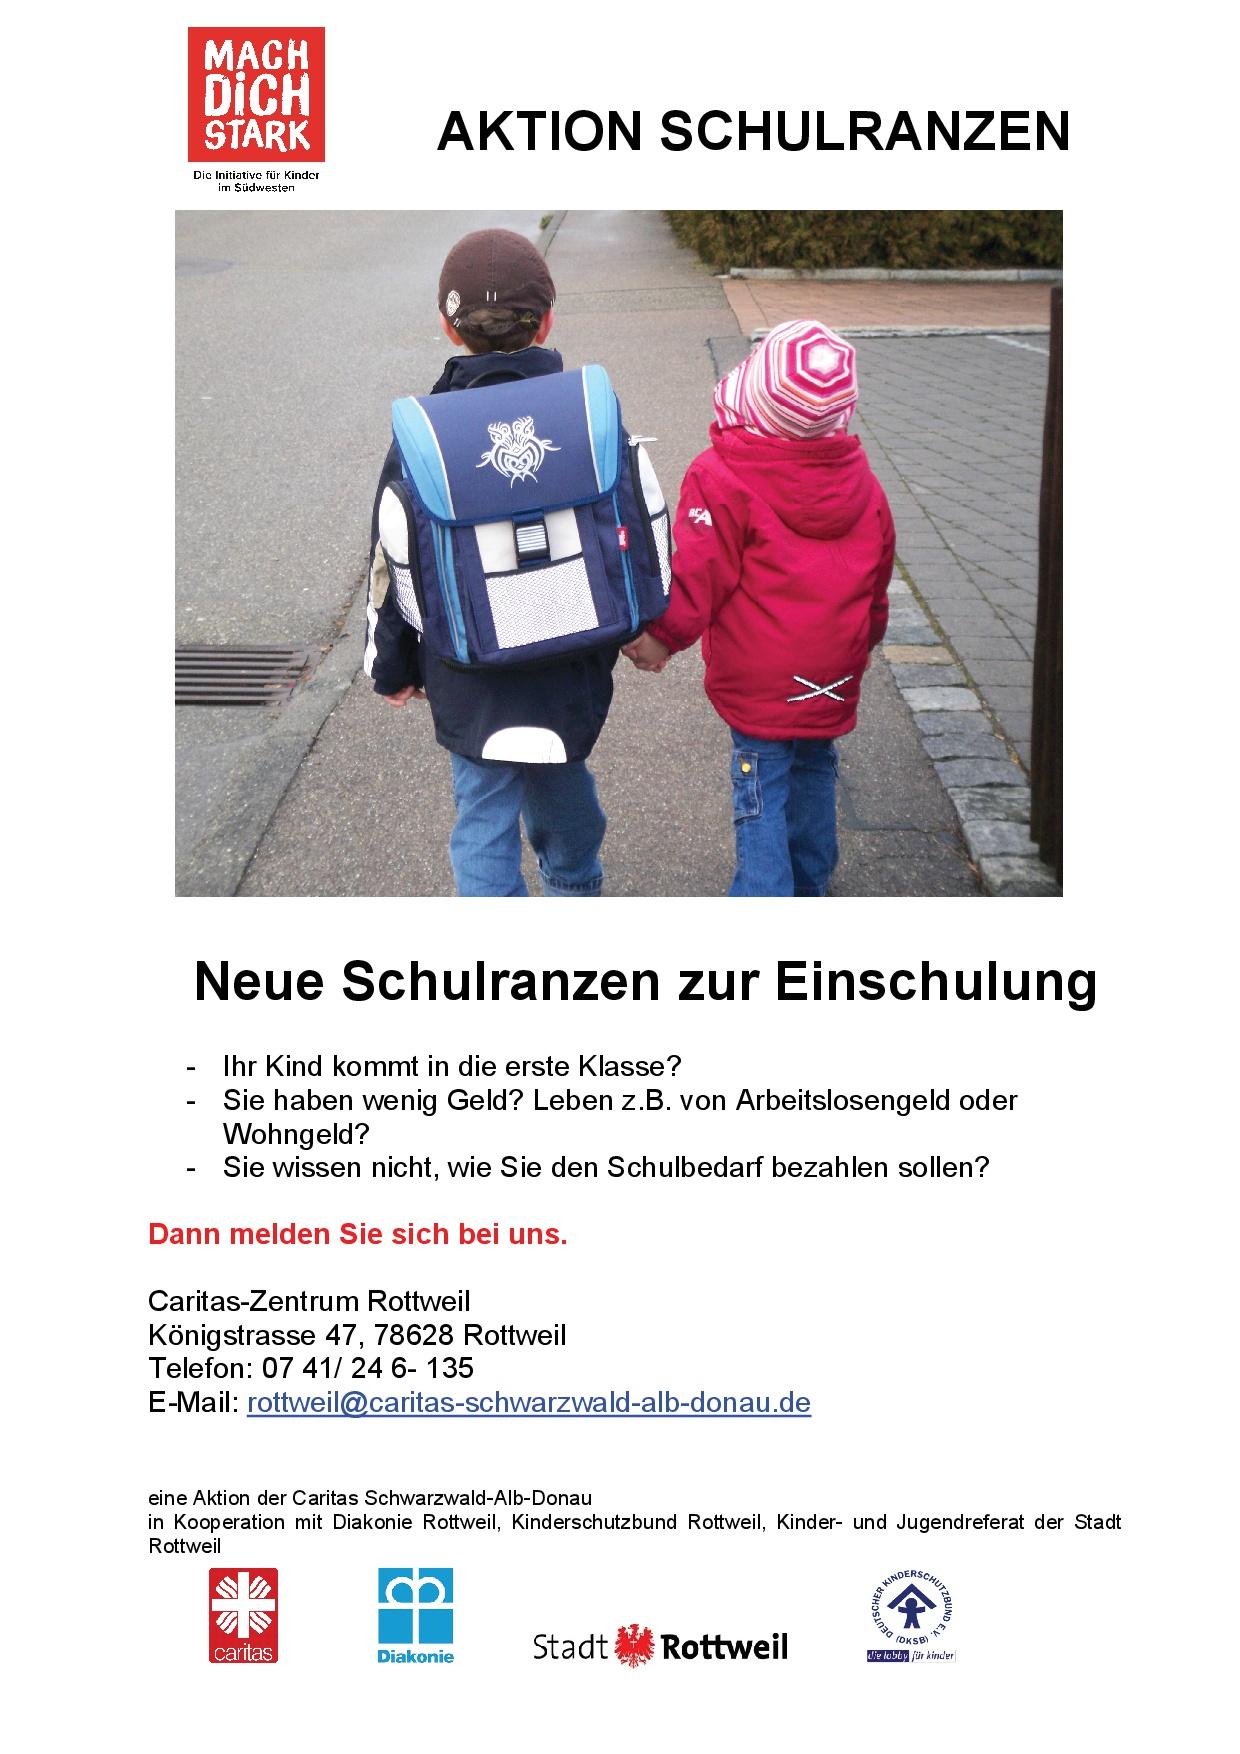 Aktion Schulranzen: Neue Schulranzen zur Einschulung